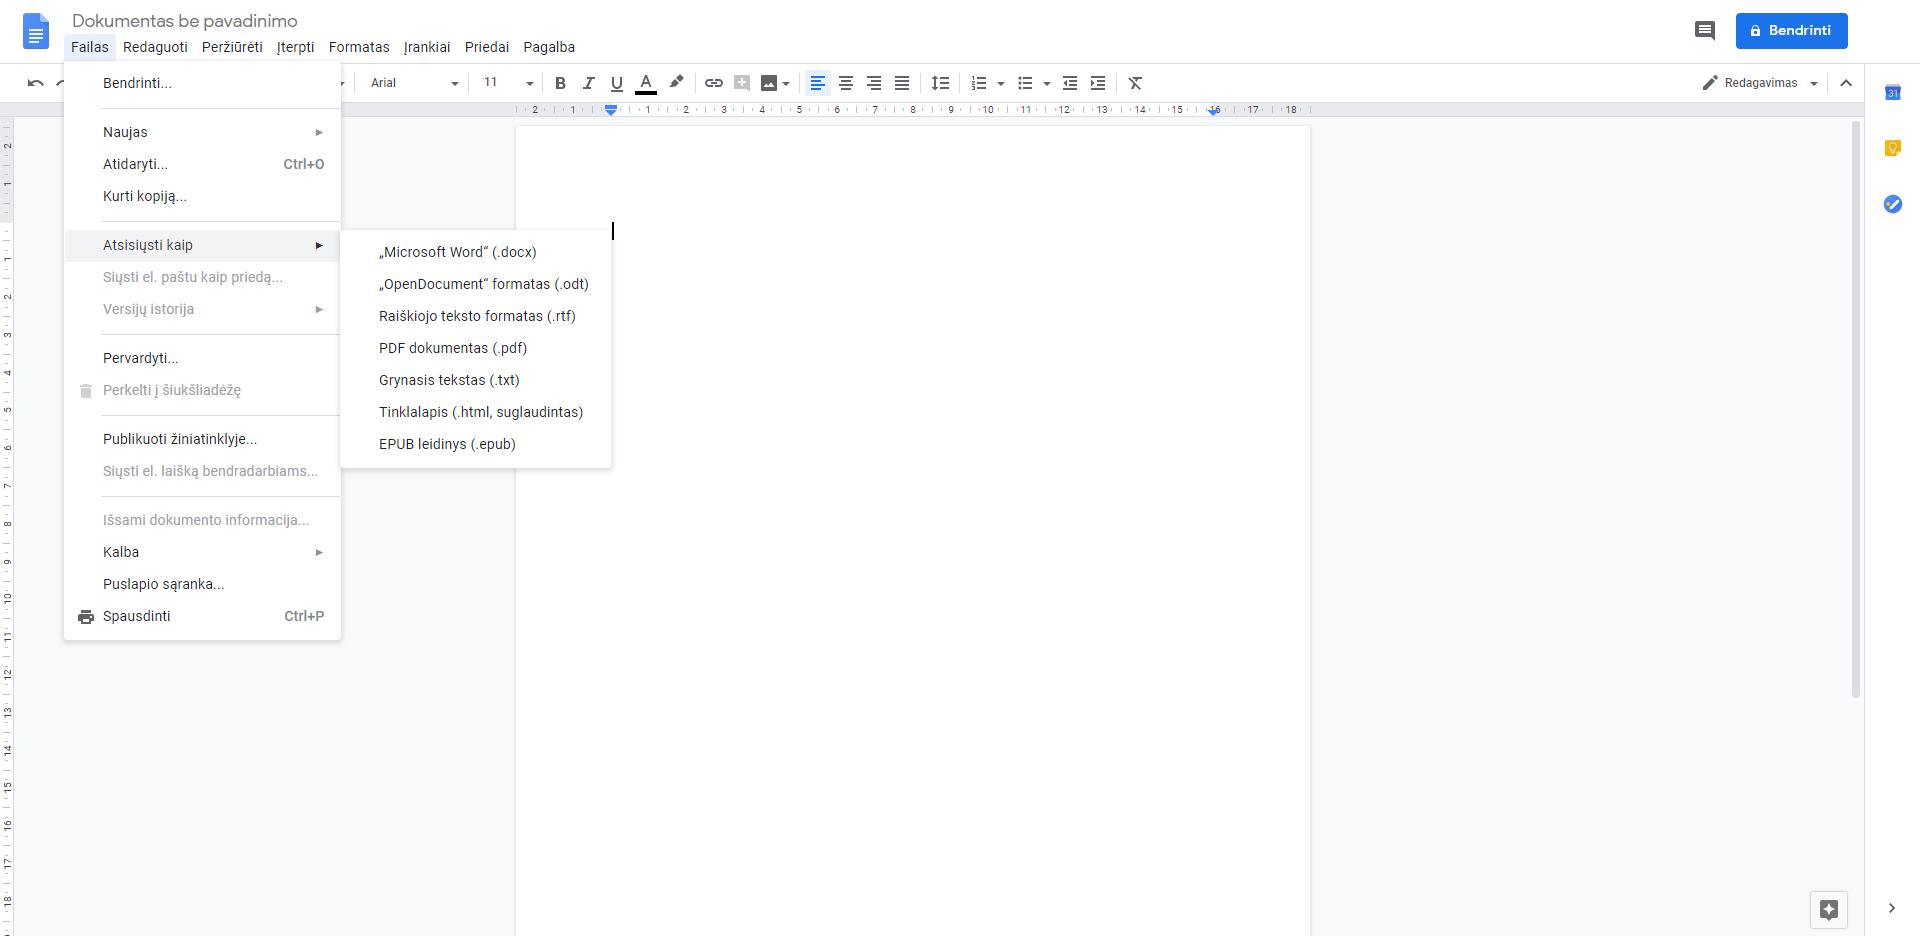 google doks pdf redagavimas